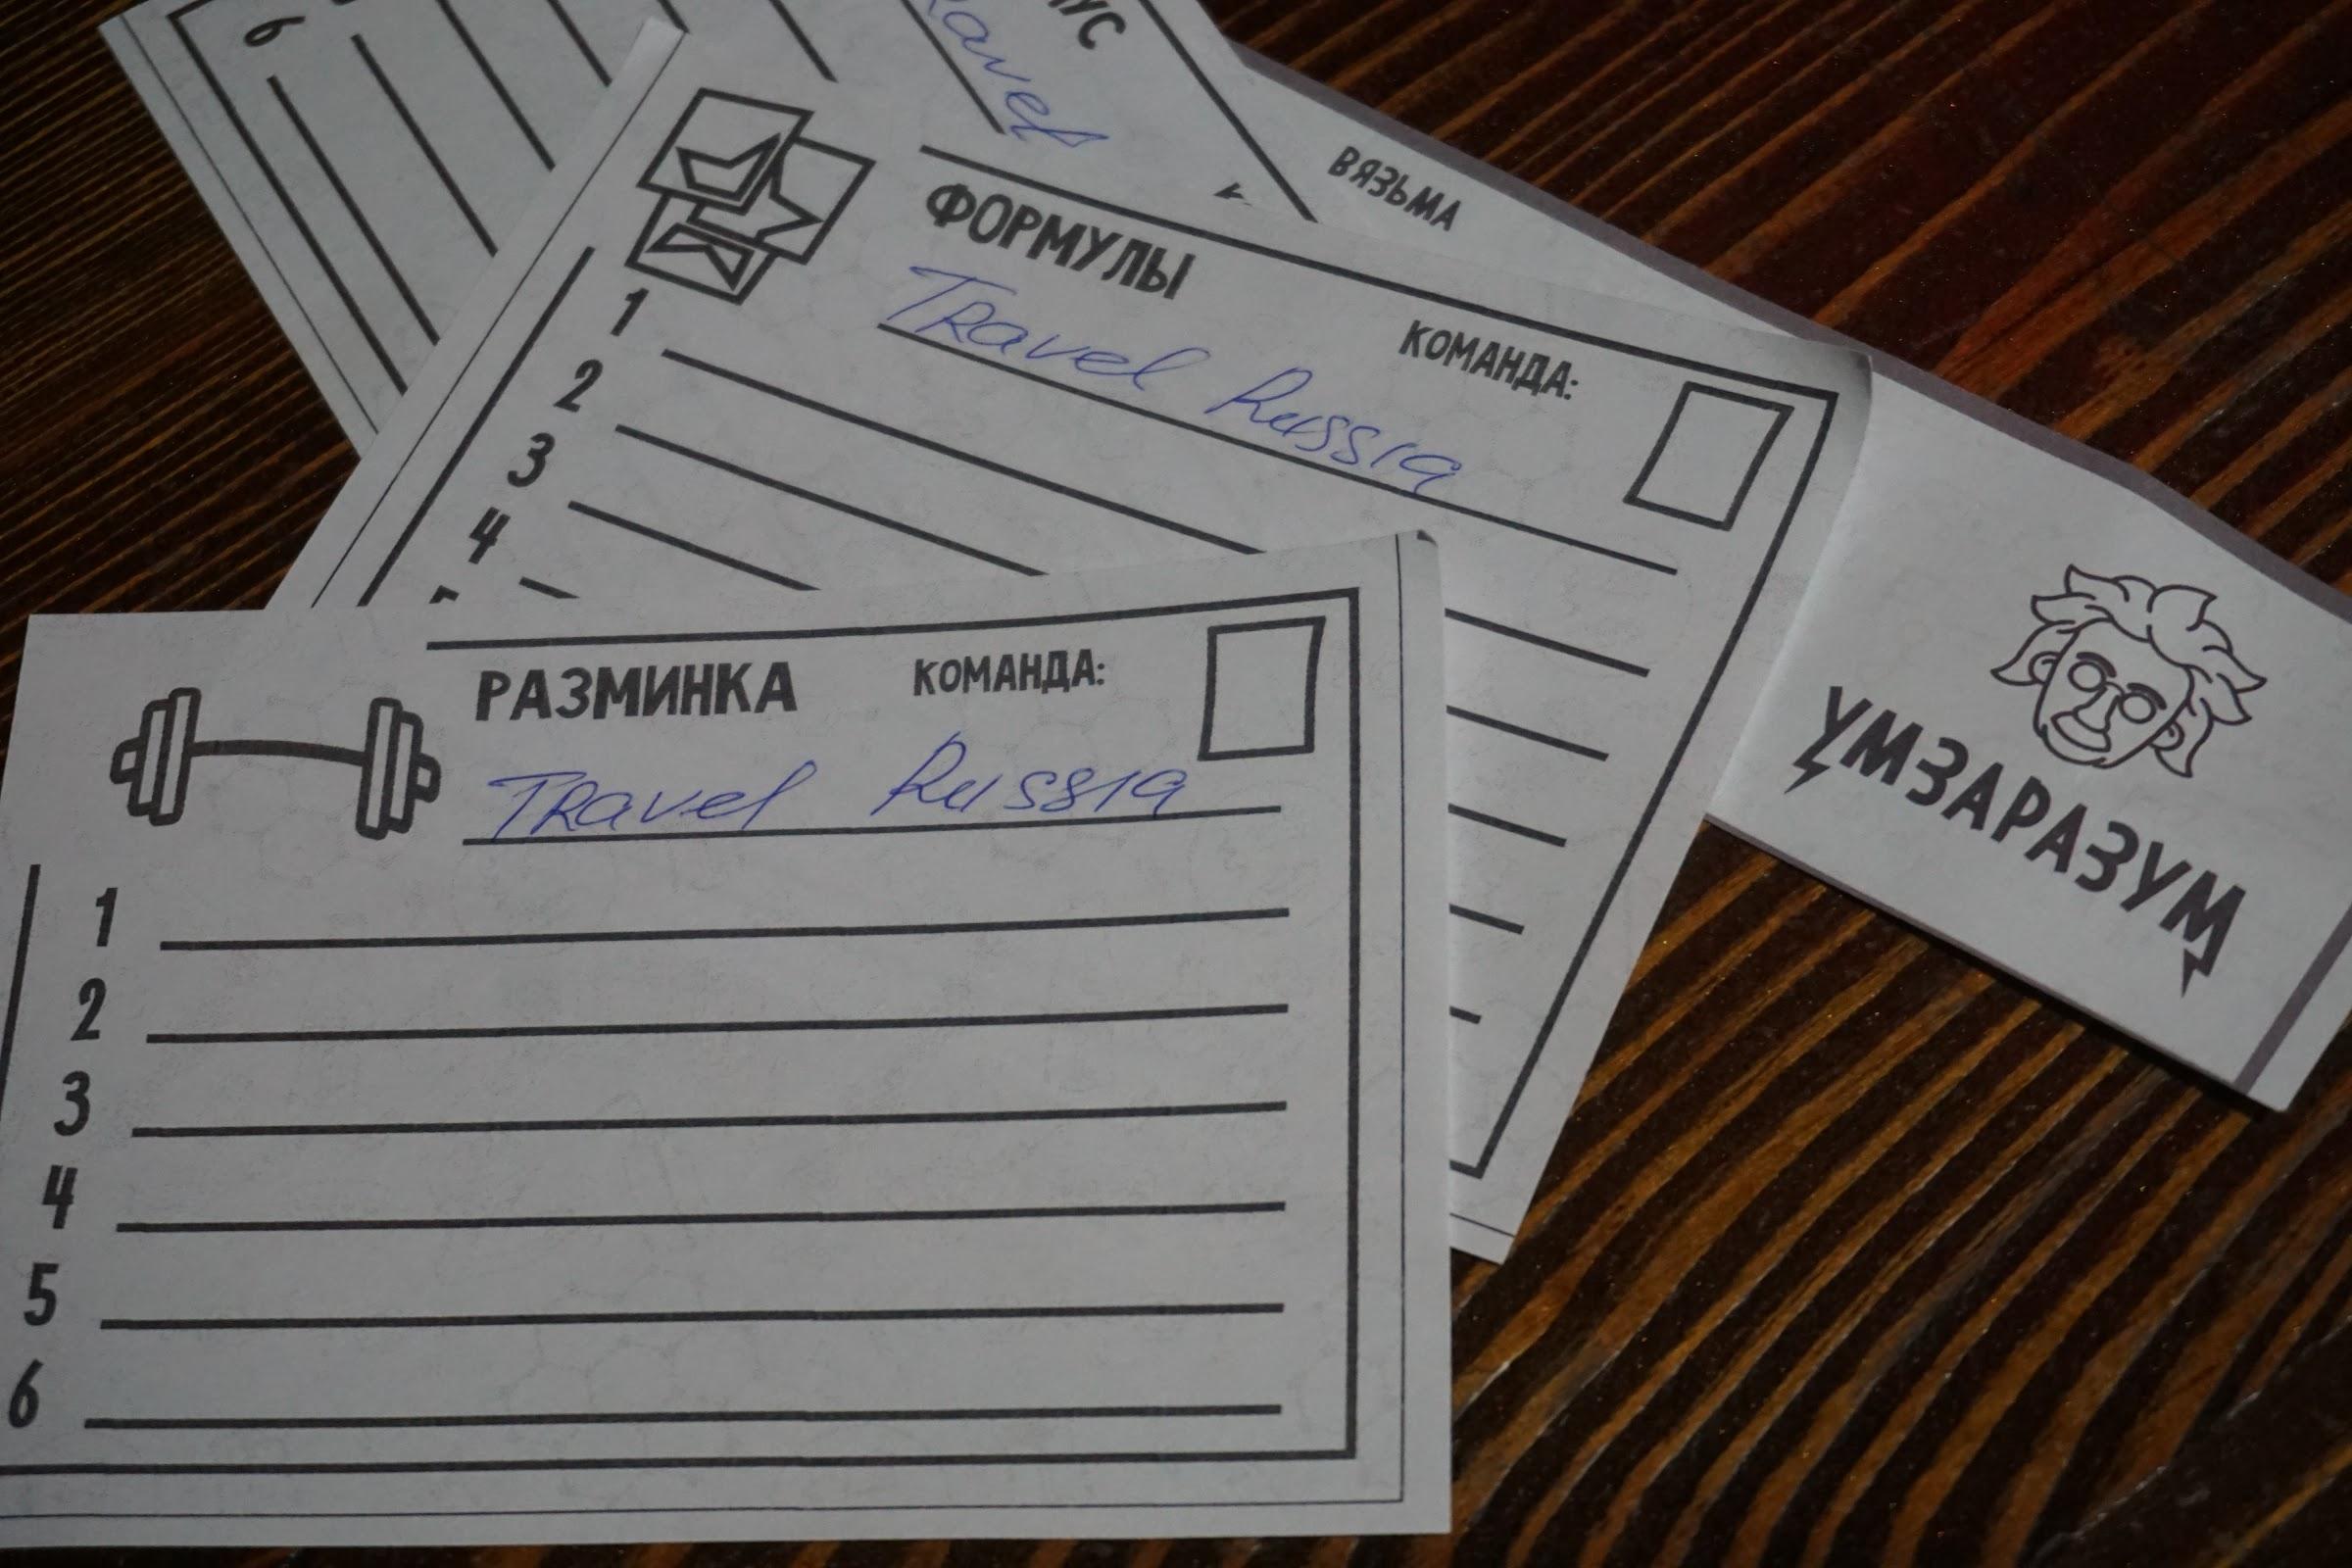 Вязьма - интеллектуальная игра Умзаразум